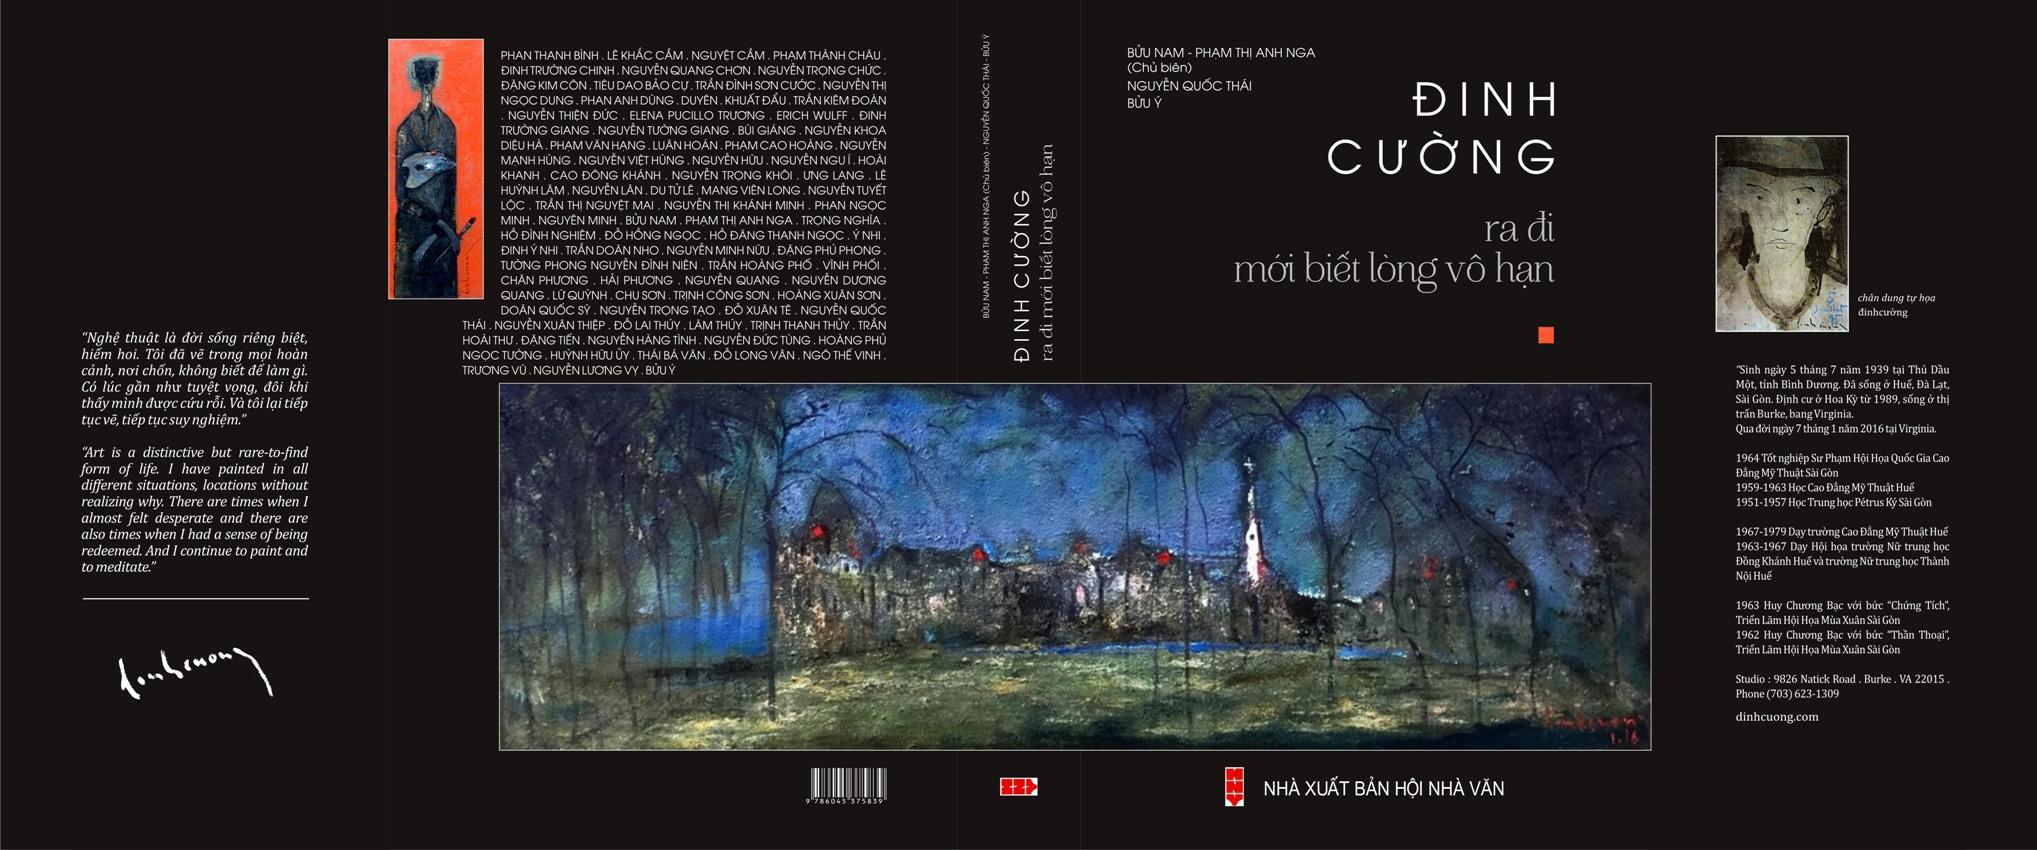 ĐC_bìa sách